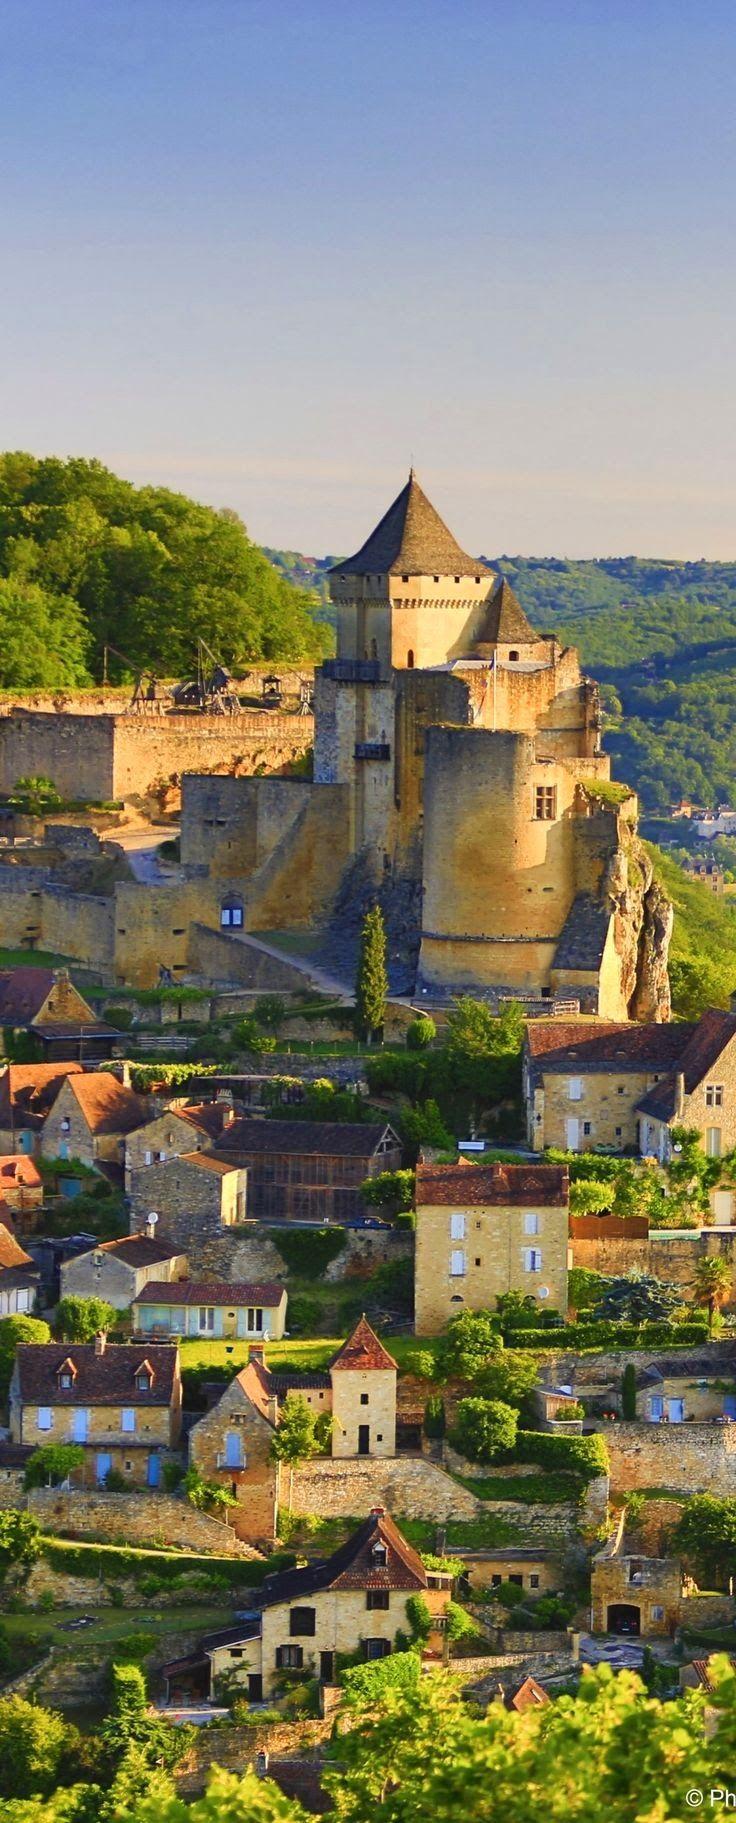 Dordogne, France QUE BELLEZA DE LUGAR Y EDIFICACIÓN.